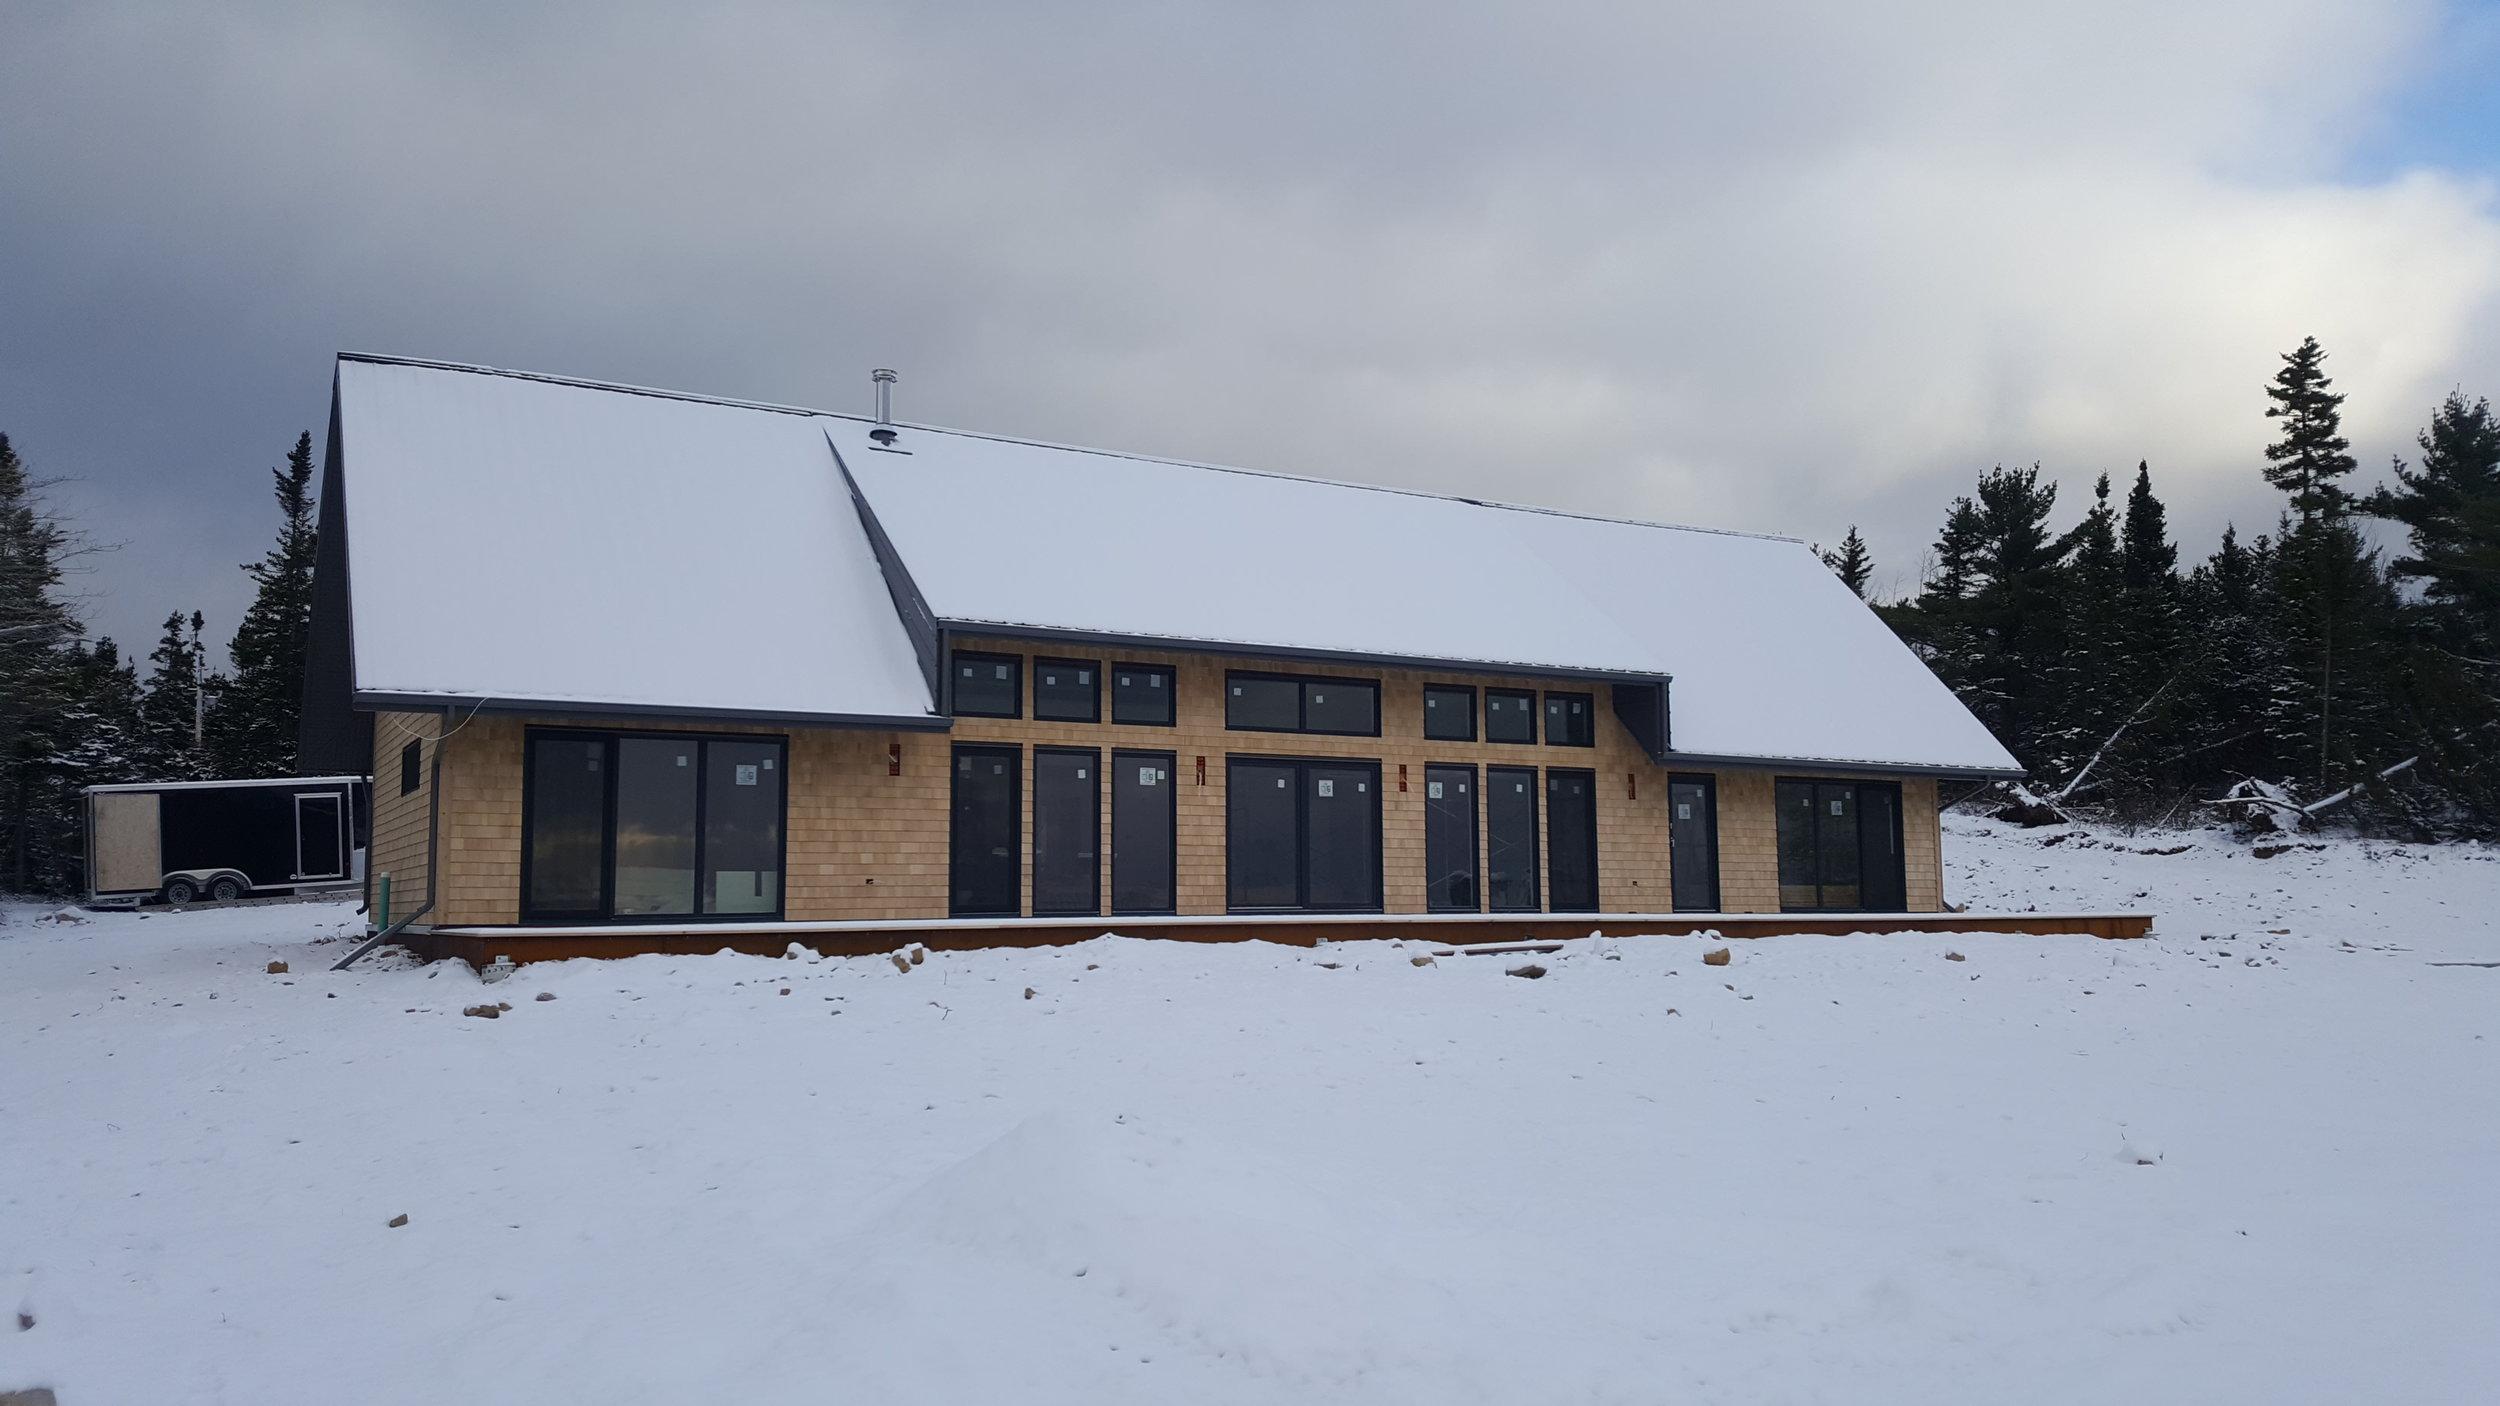 kavanagh winter.jpg